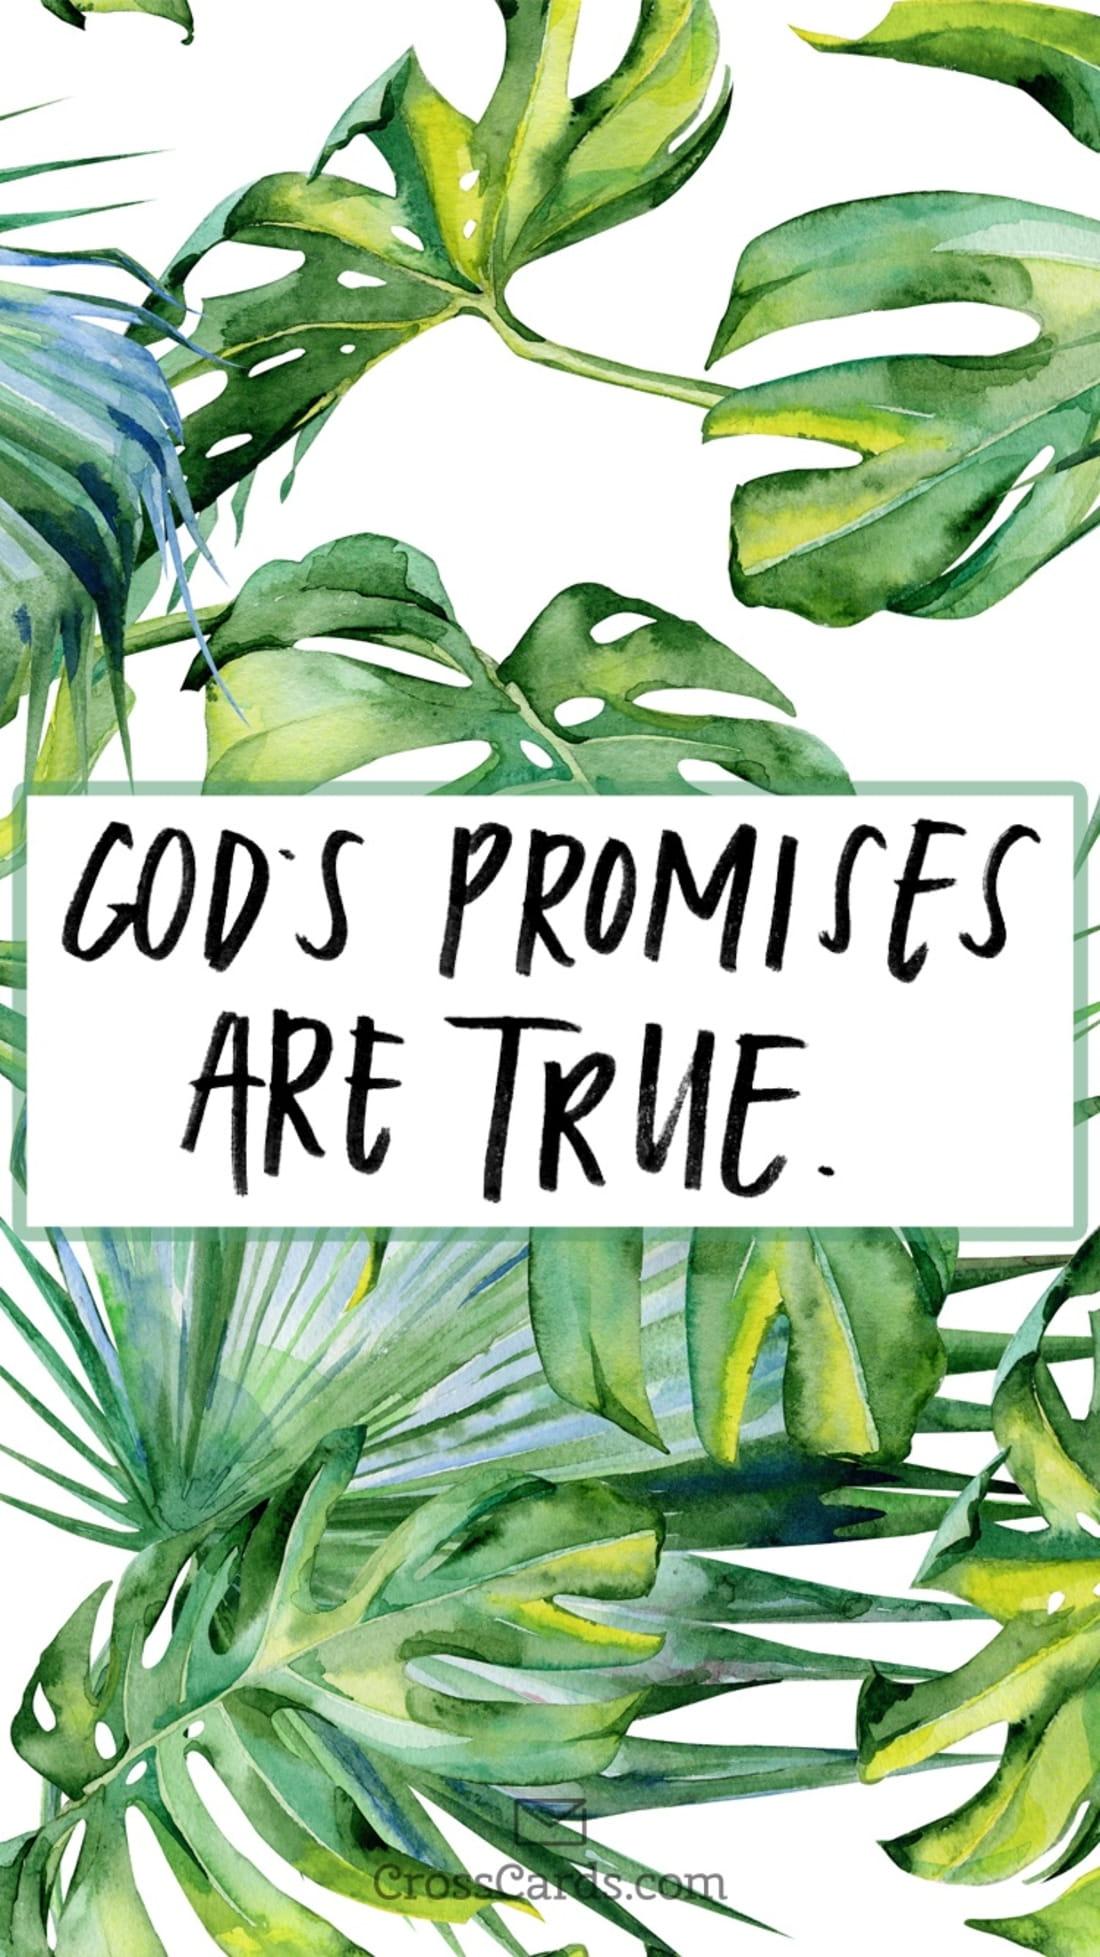 God's Promises are True mobile phone wallpaper